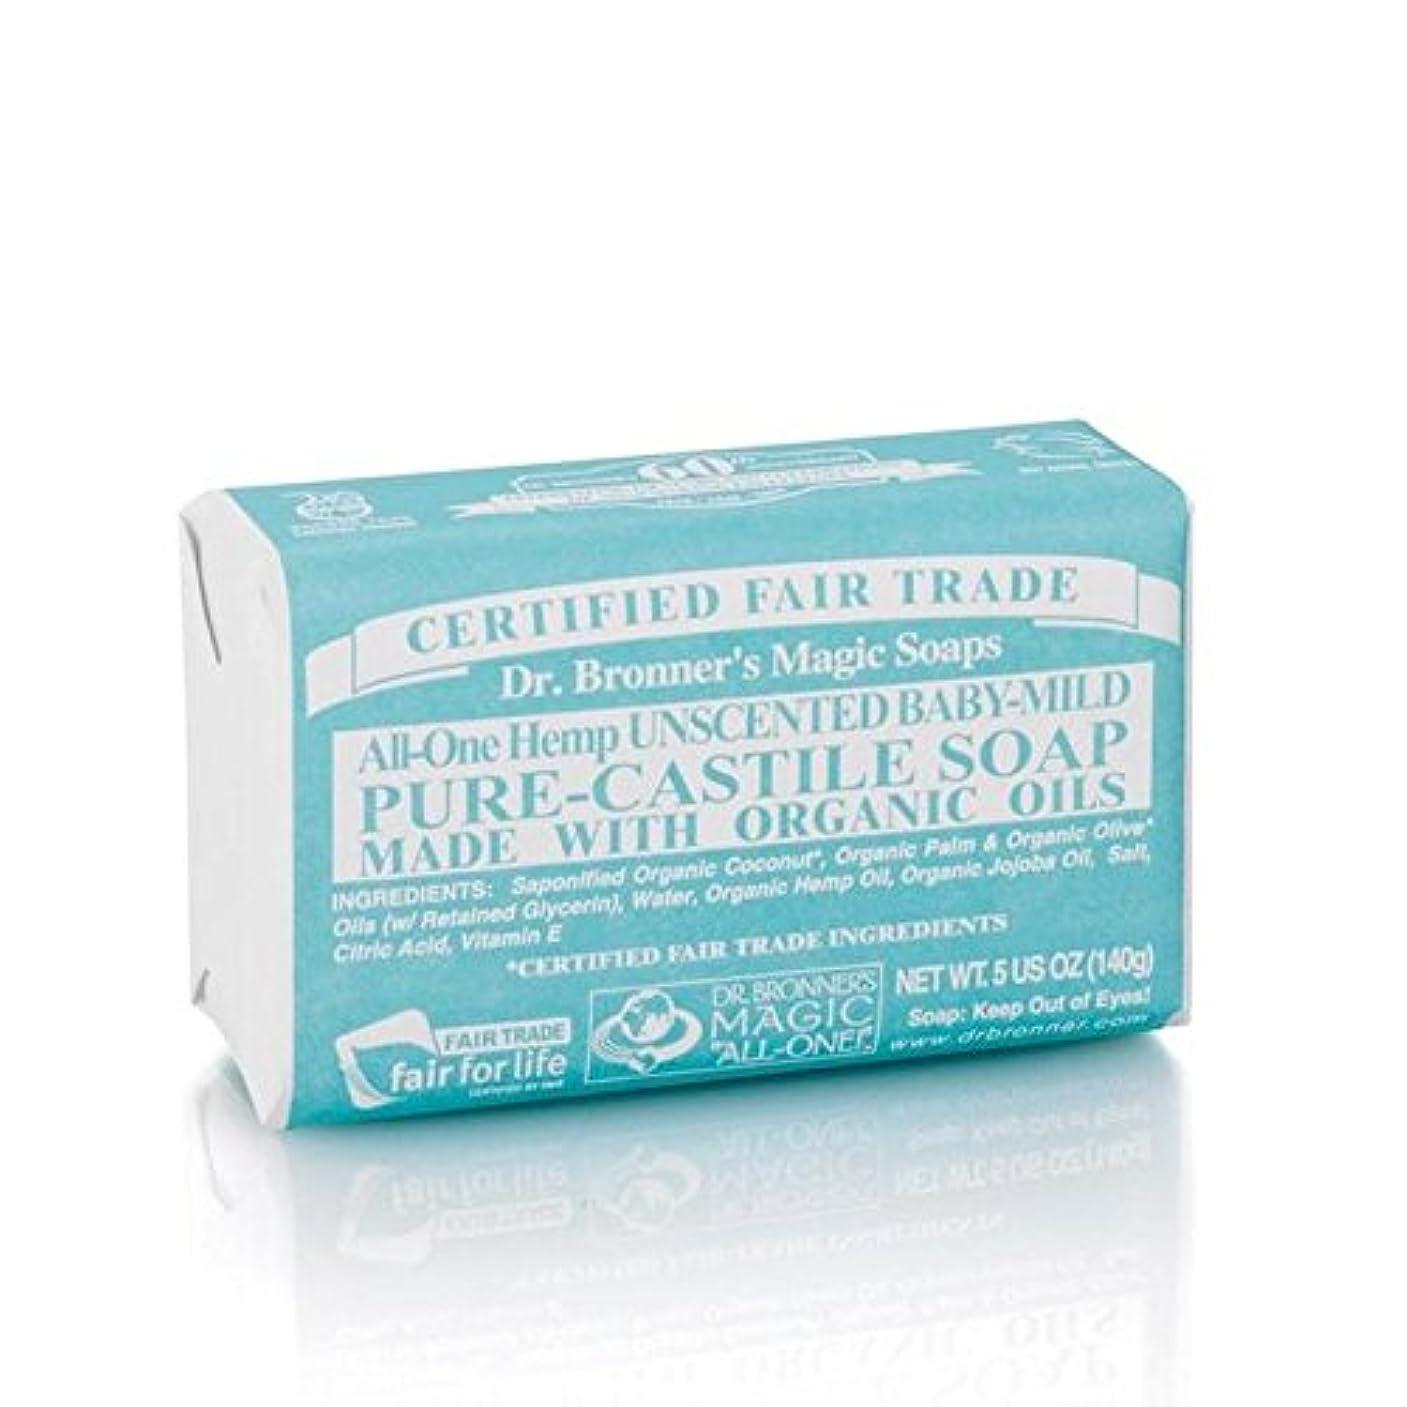 近所の航空信者のブロナーオーガニックベビーマイルドソープバー140グラム x2 - Dr Bronner Organic Baby Mild Soap Bar 140g (Pack of 2) [並行輸入品]